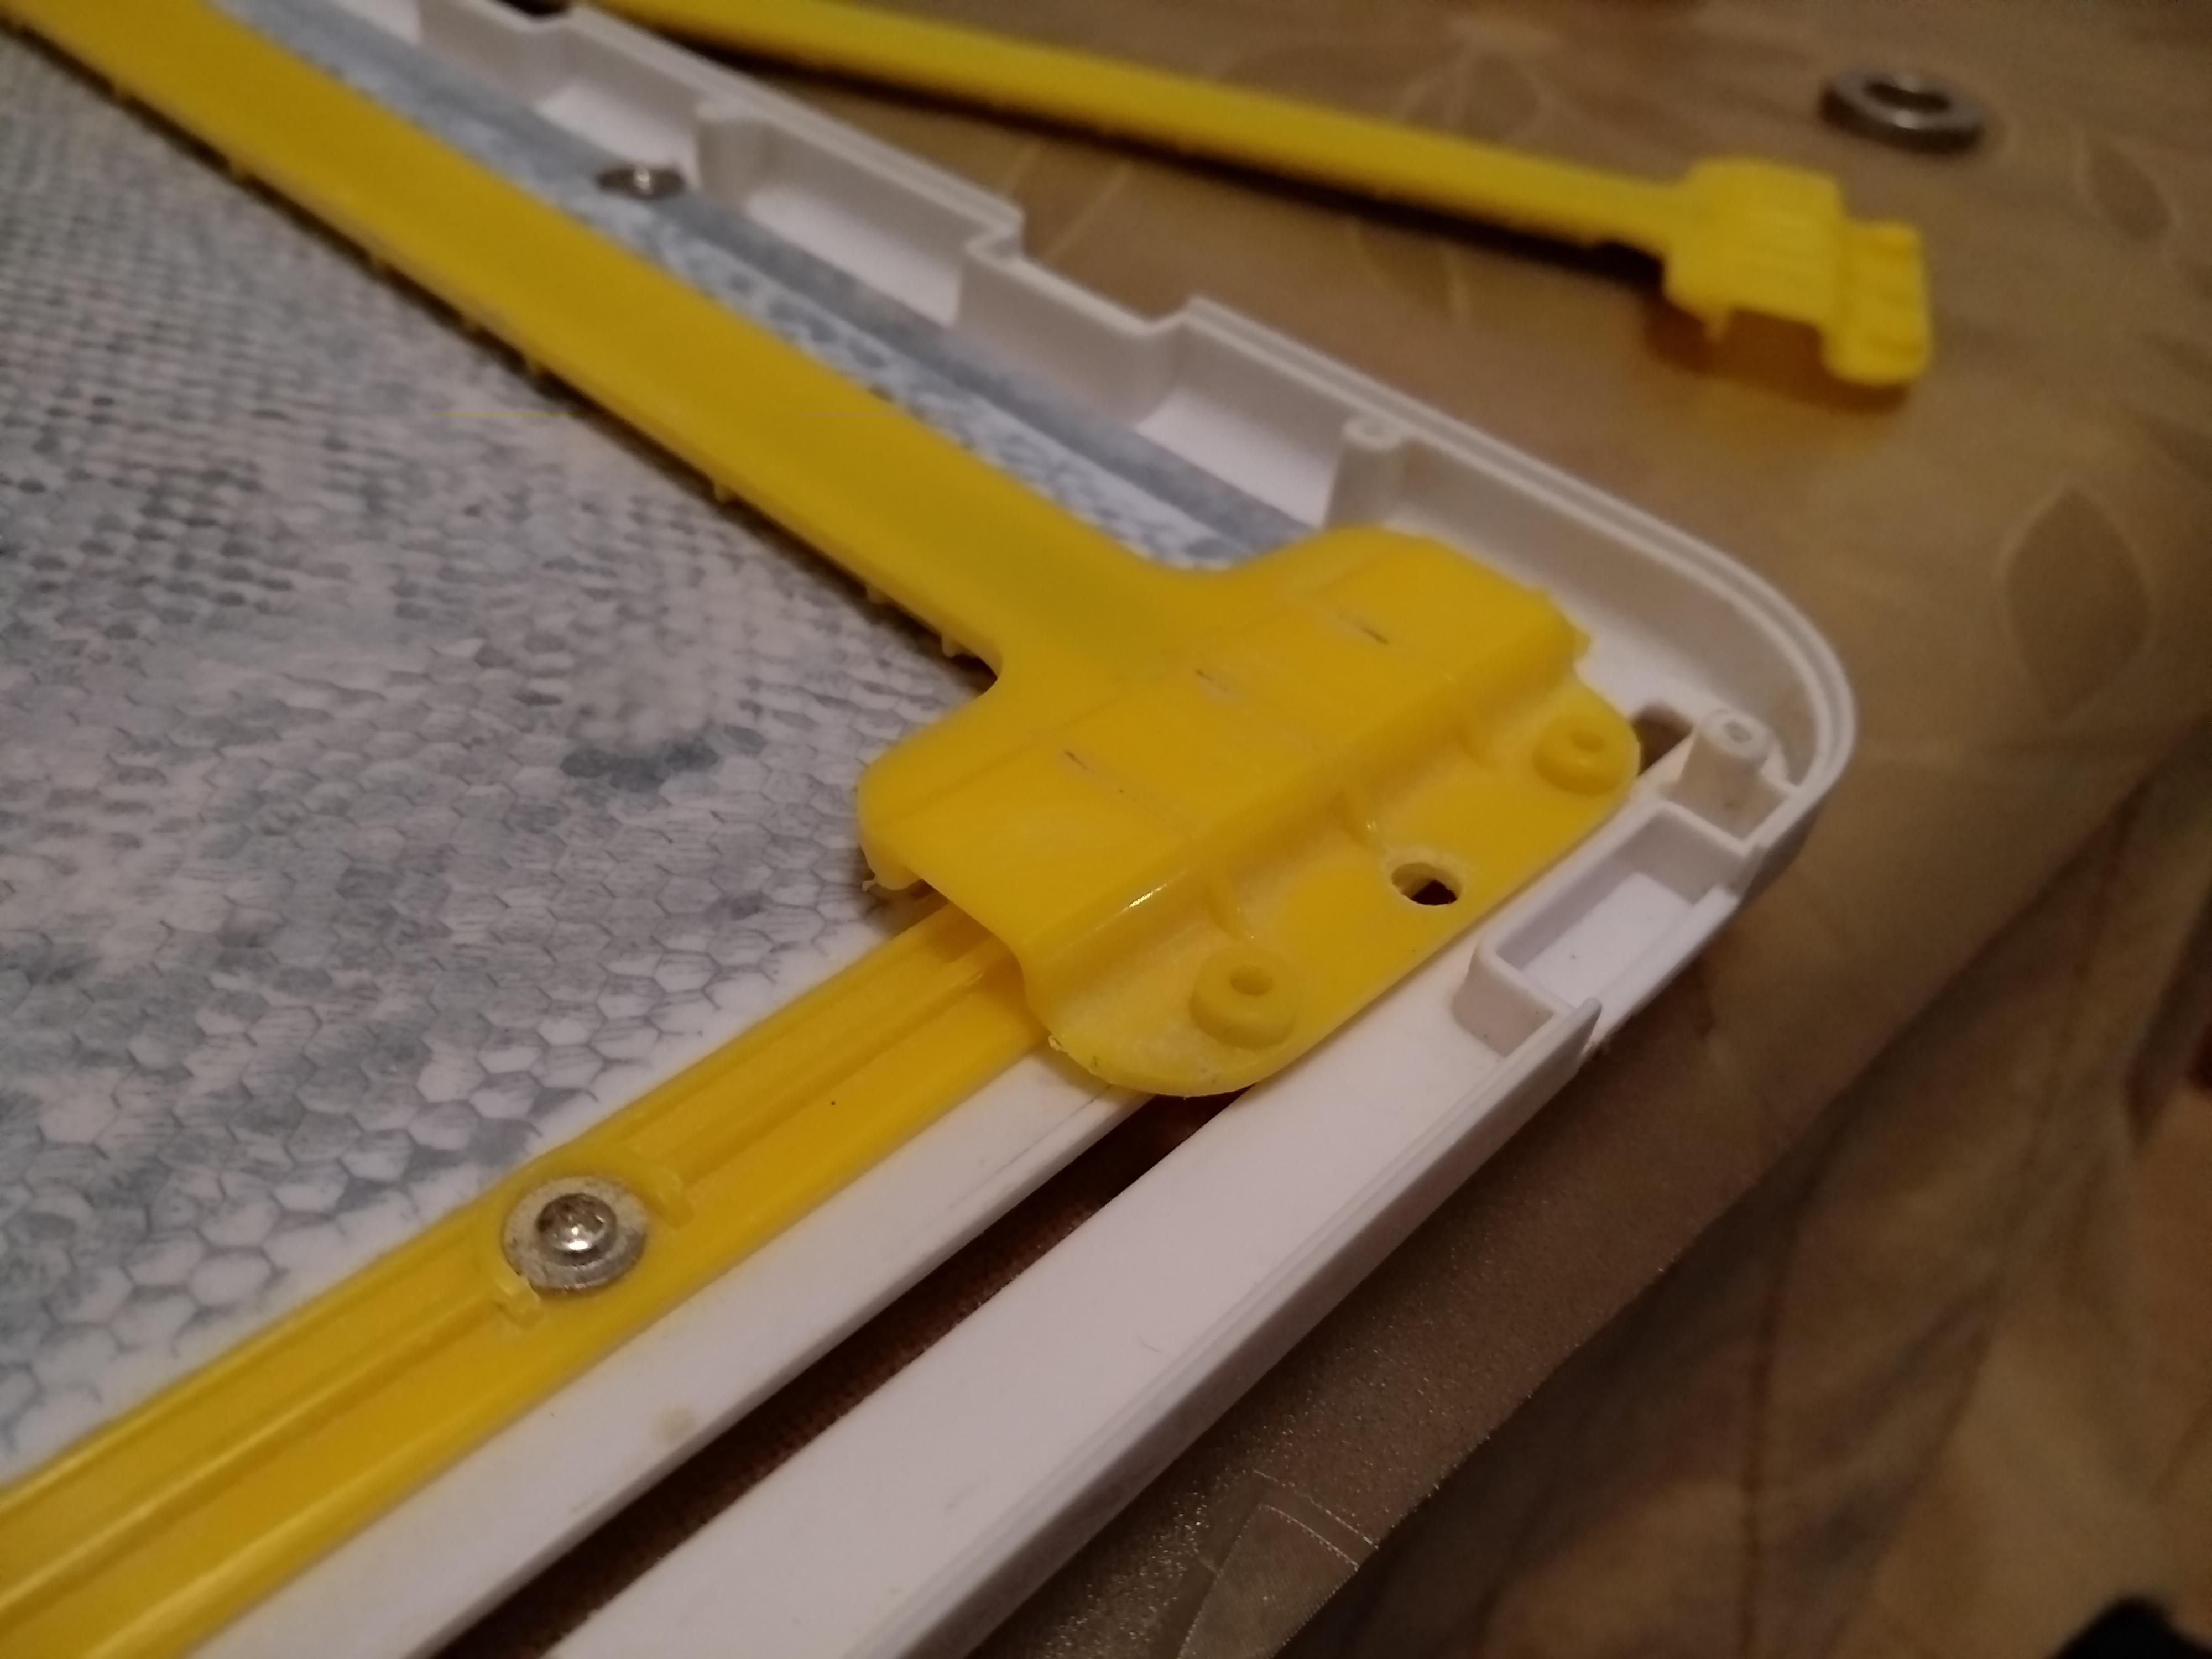 图书馆猿のCrayola 绘儿乐 5049 双用画桌之拆解&修理